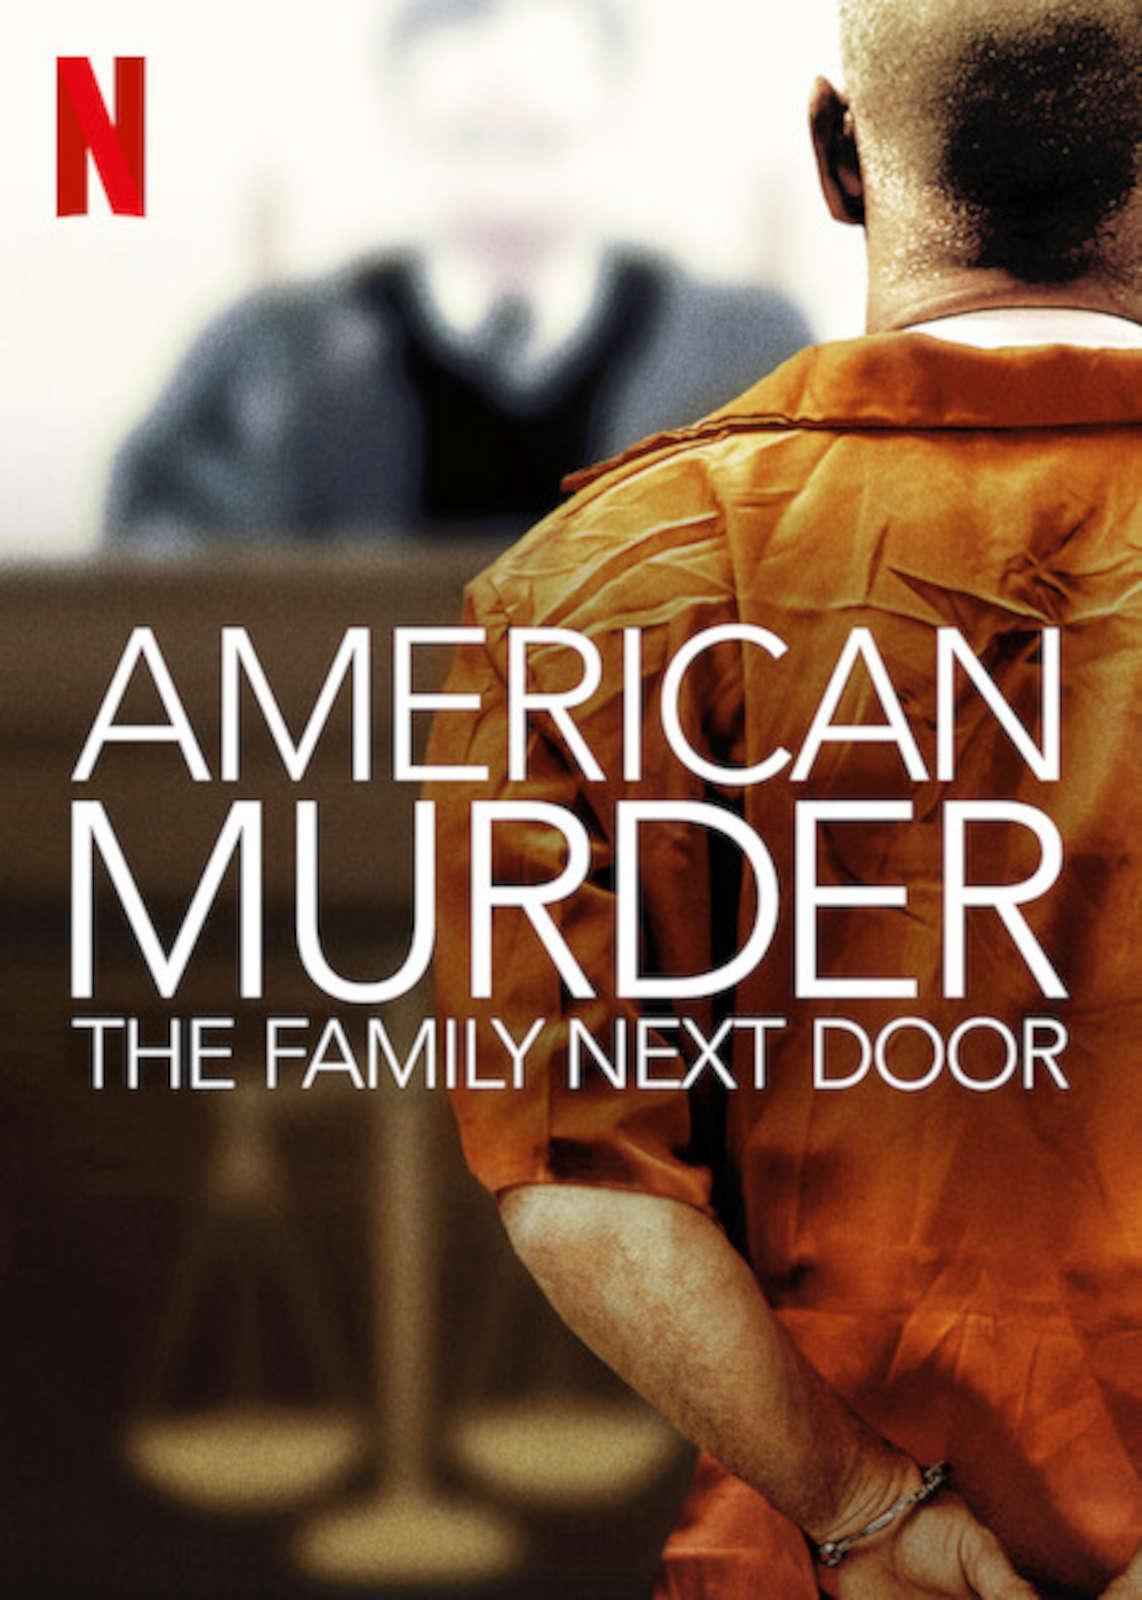 American Murder, the family next door